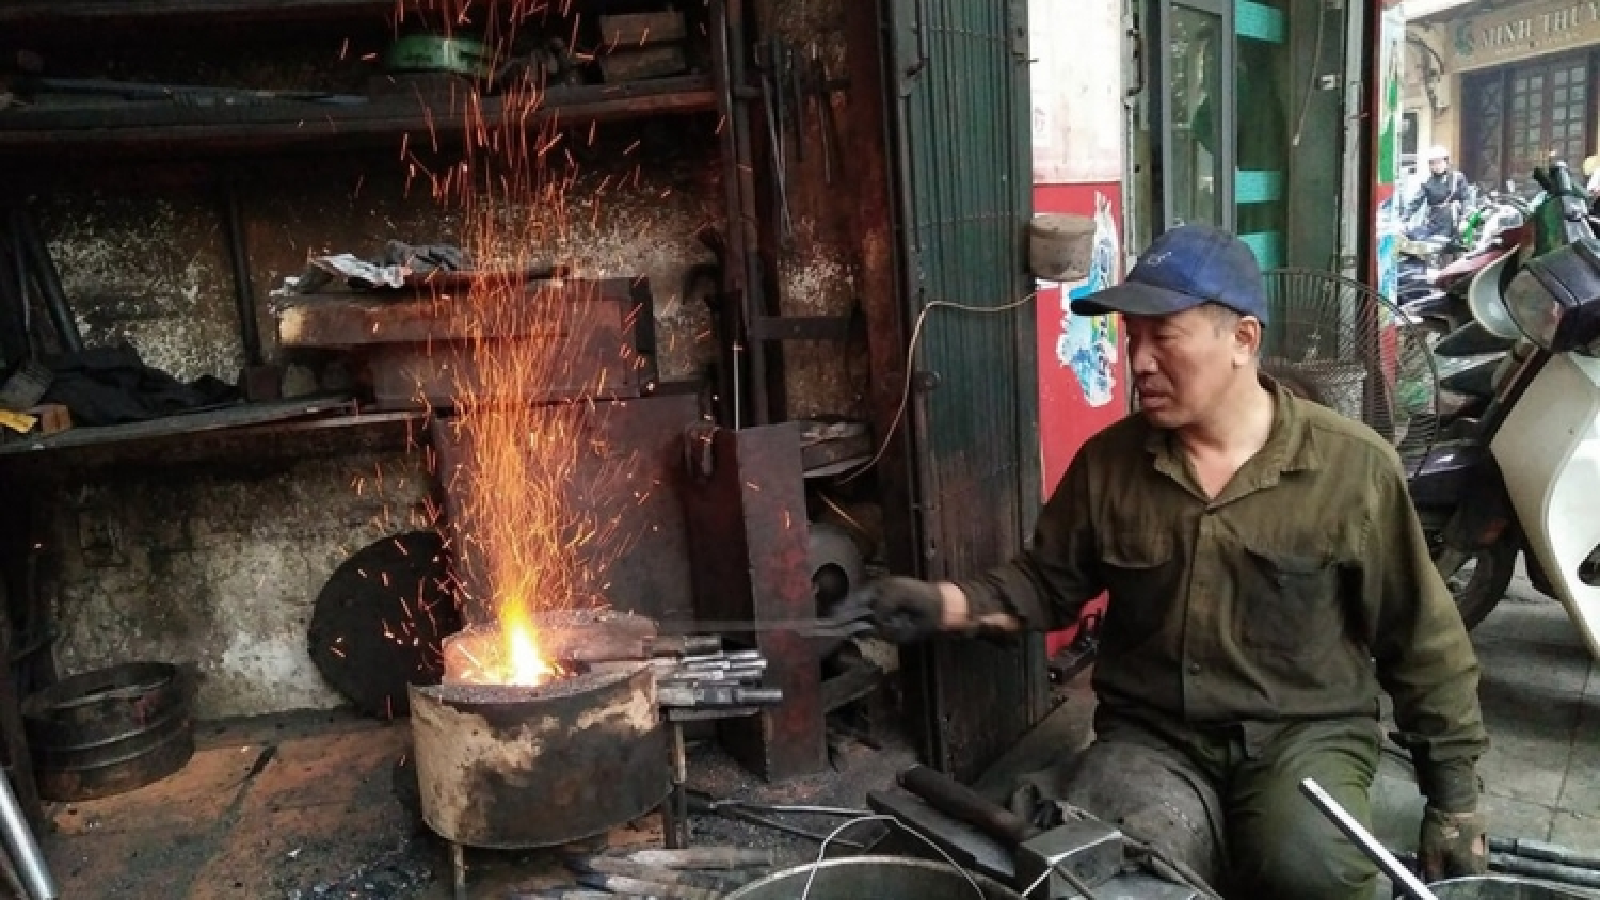 Chuyện chưa kể về người thợ rèn cuối cùng trên phố Lò Rèn